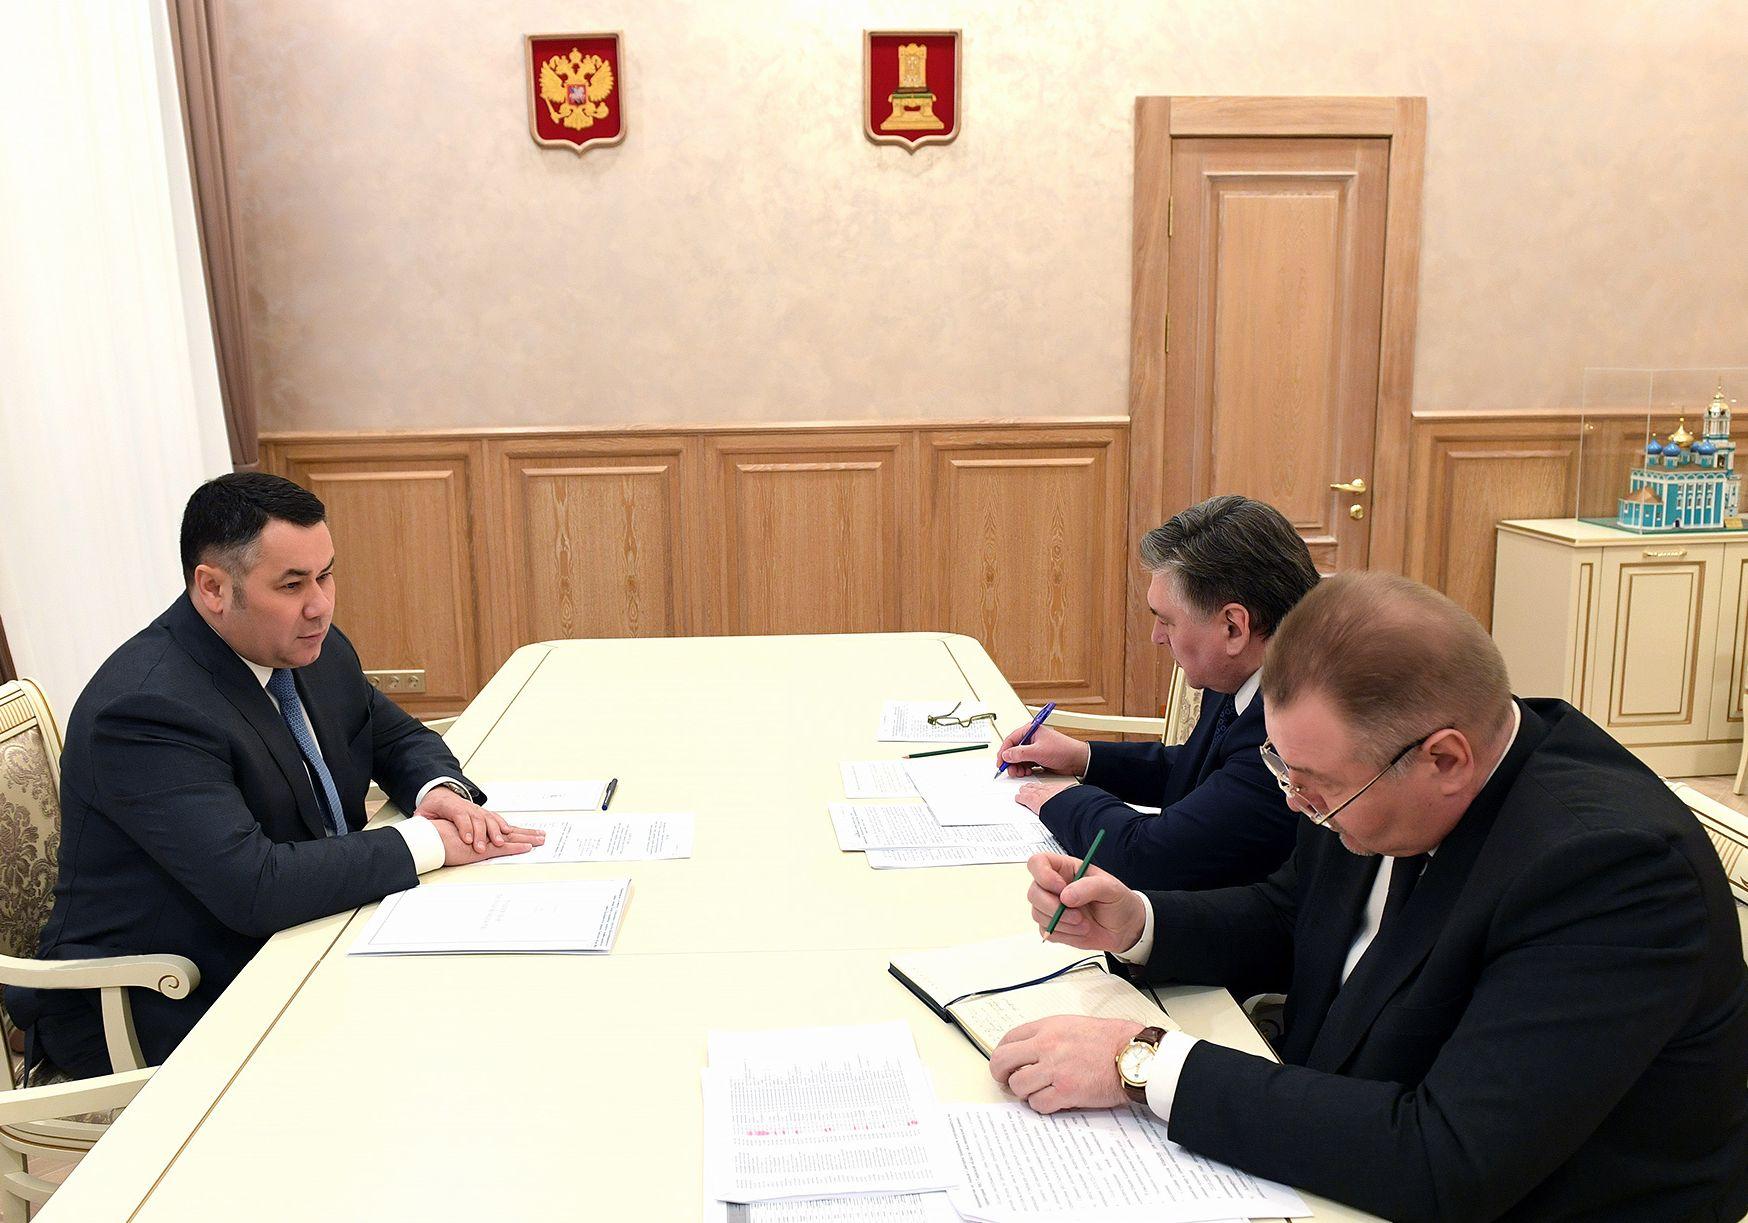 Игорь Руденя встретился с главой Твери Алексеем Огоньковым и главой Калининского района Андреем Зайцевым